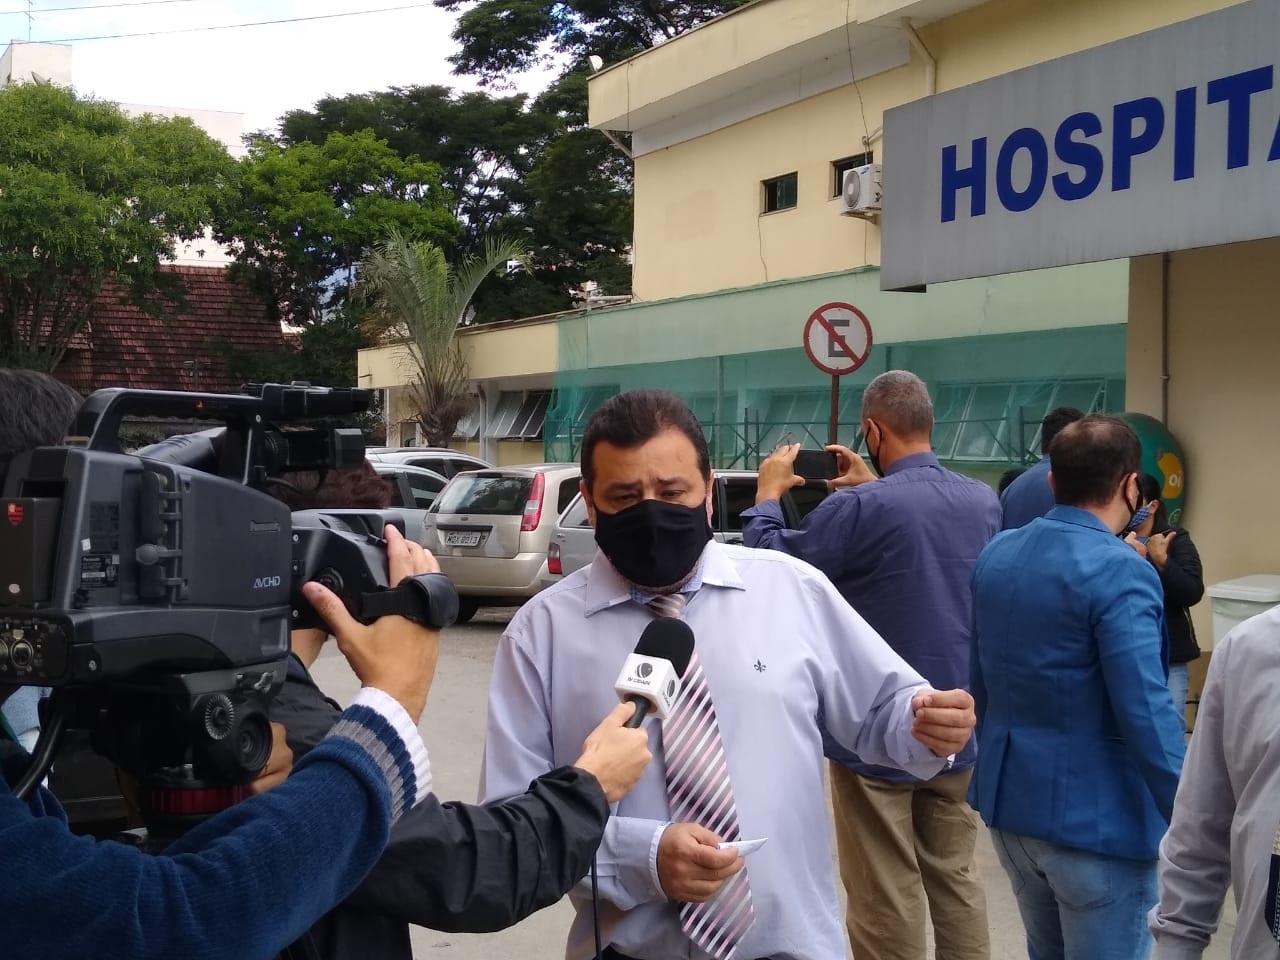 O presidente da Câmara, Wellington Moreira, garantiu que o Legislativo vai acatar o pedido do prefeito para concessão de gratificações aos profissionais de saúde (Foto: Divulgação)